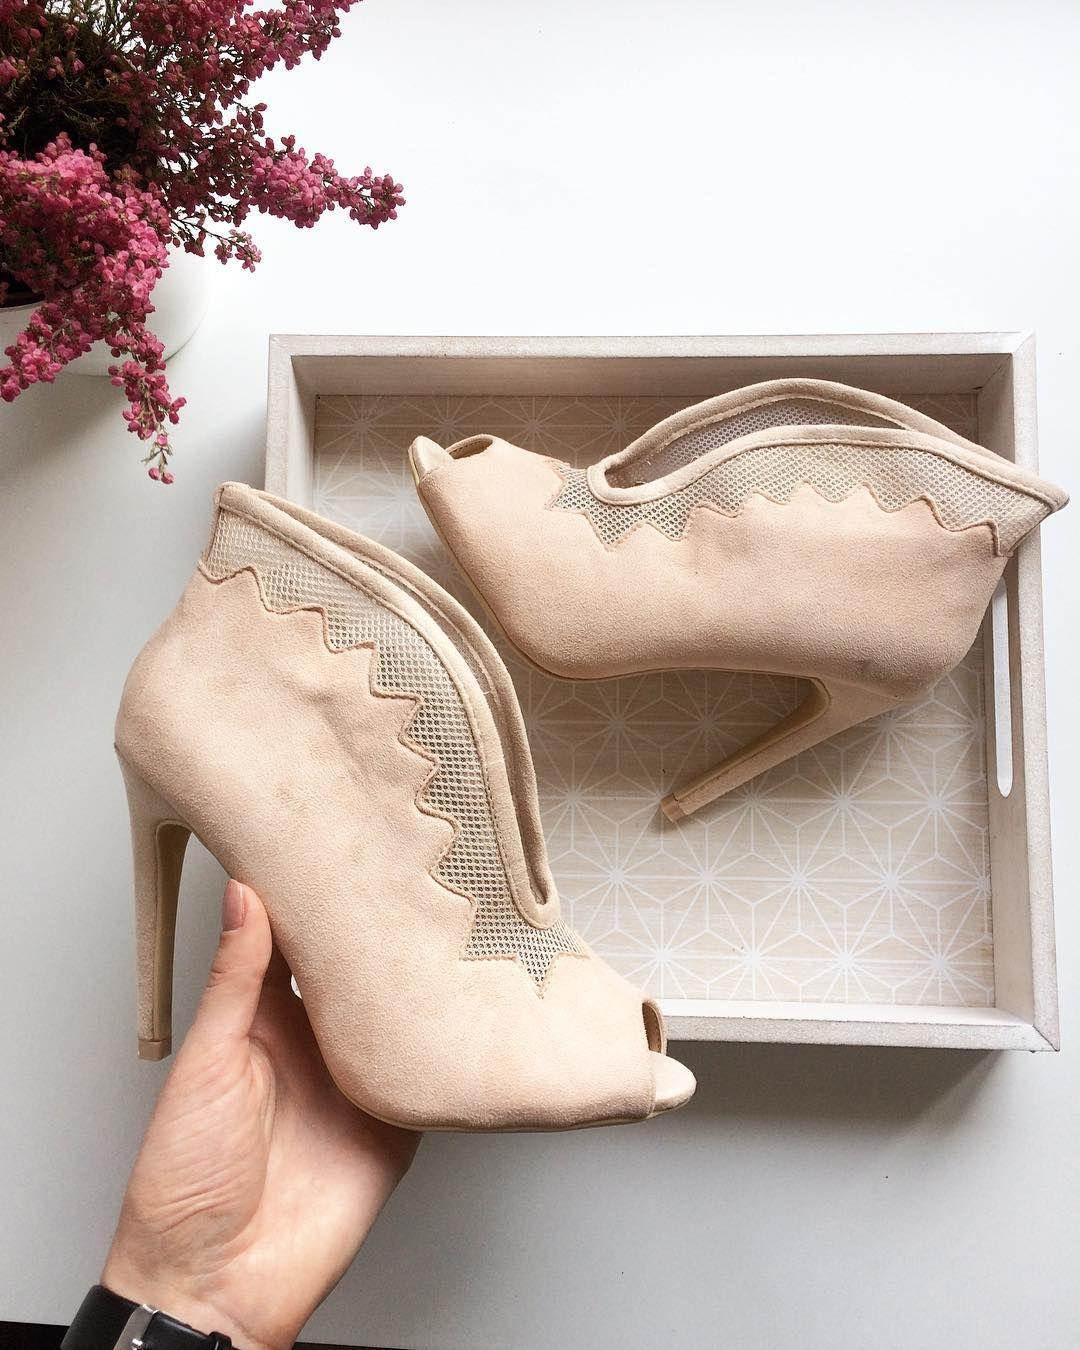 Bezowe Botki Bez Palcow Www Buciarnia Pl Wedding Shoe Instagram Posts Instagram